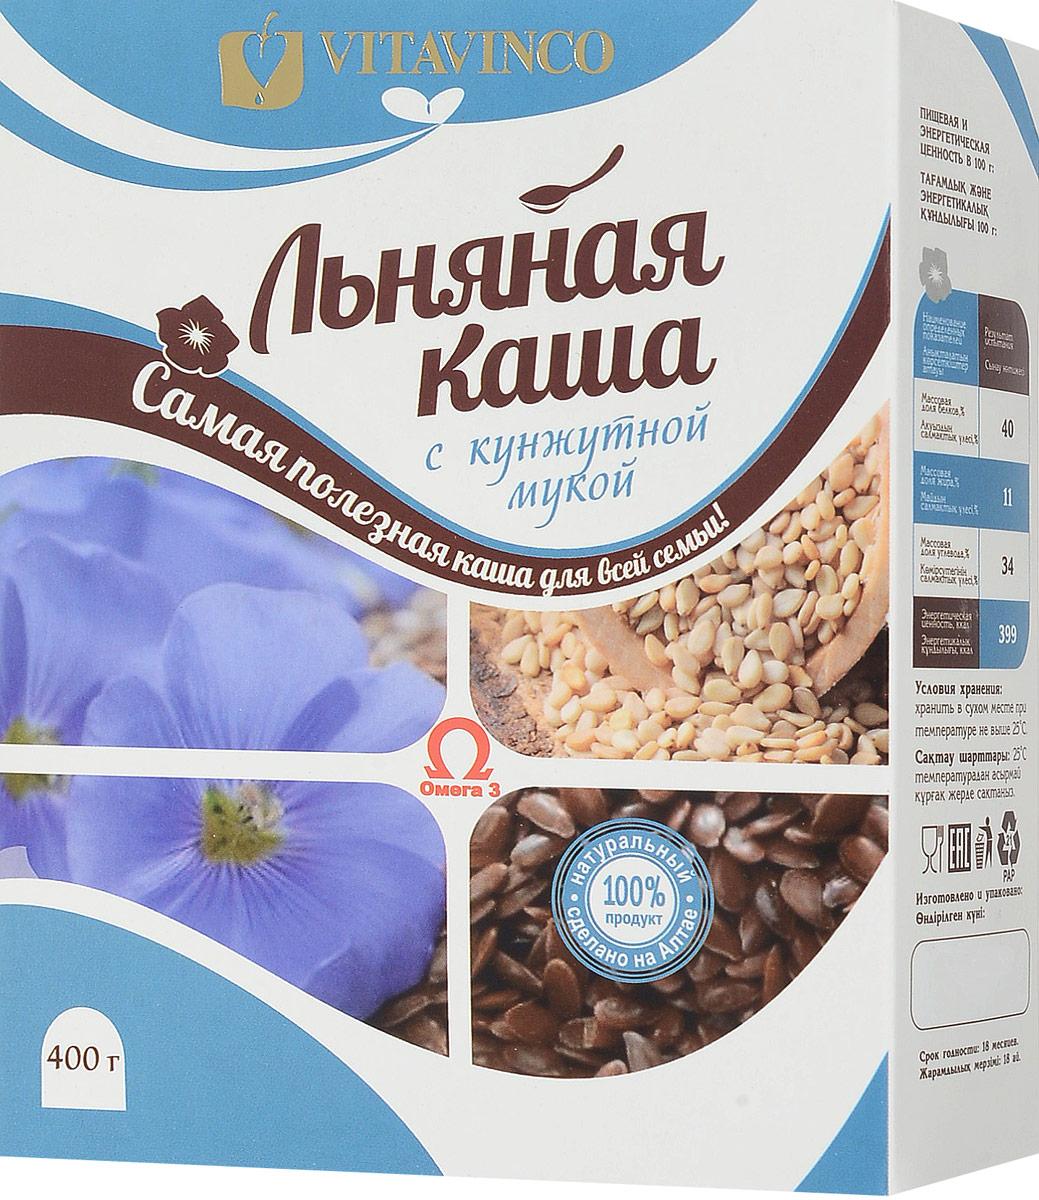 Витавинко каша льняная с кунжутной мукой, 400 г компас здоровья богатырская каша льняная с овощами 400 г